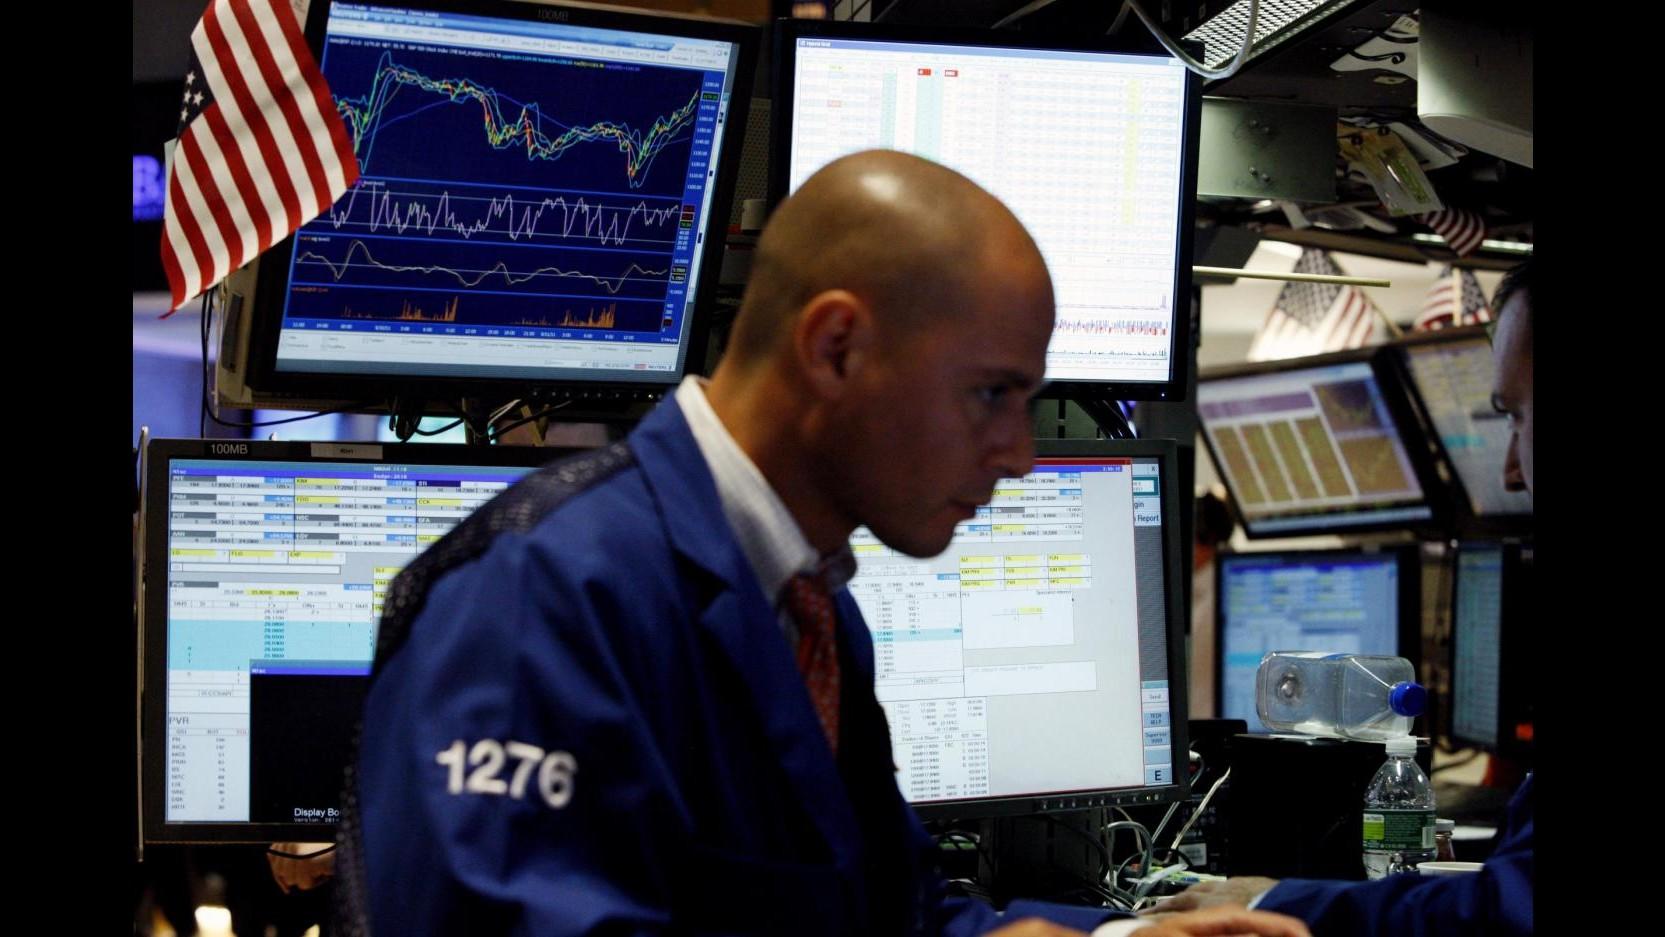 Borsa, apertura in leggero rialzo per Piazza Affari: Mib +0.18%